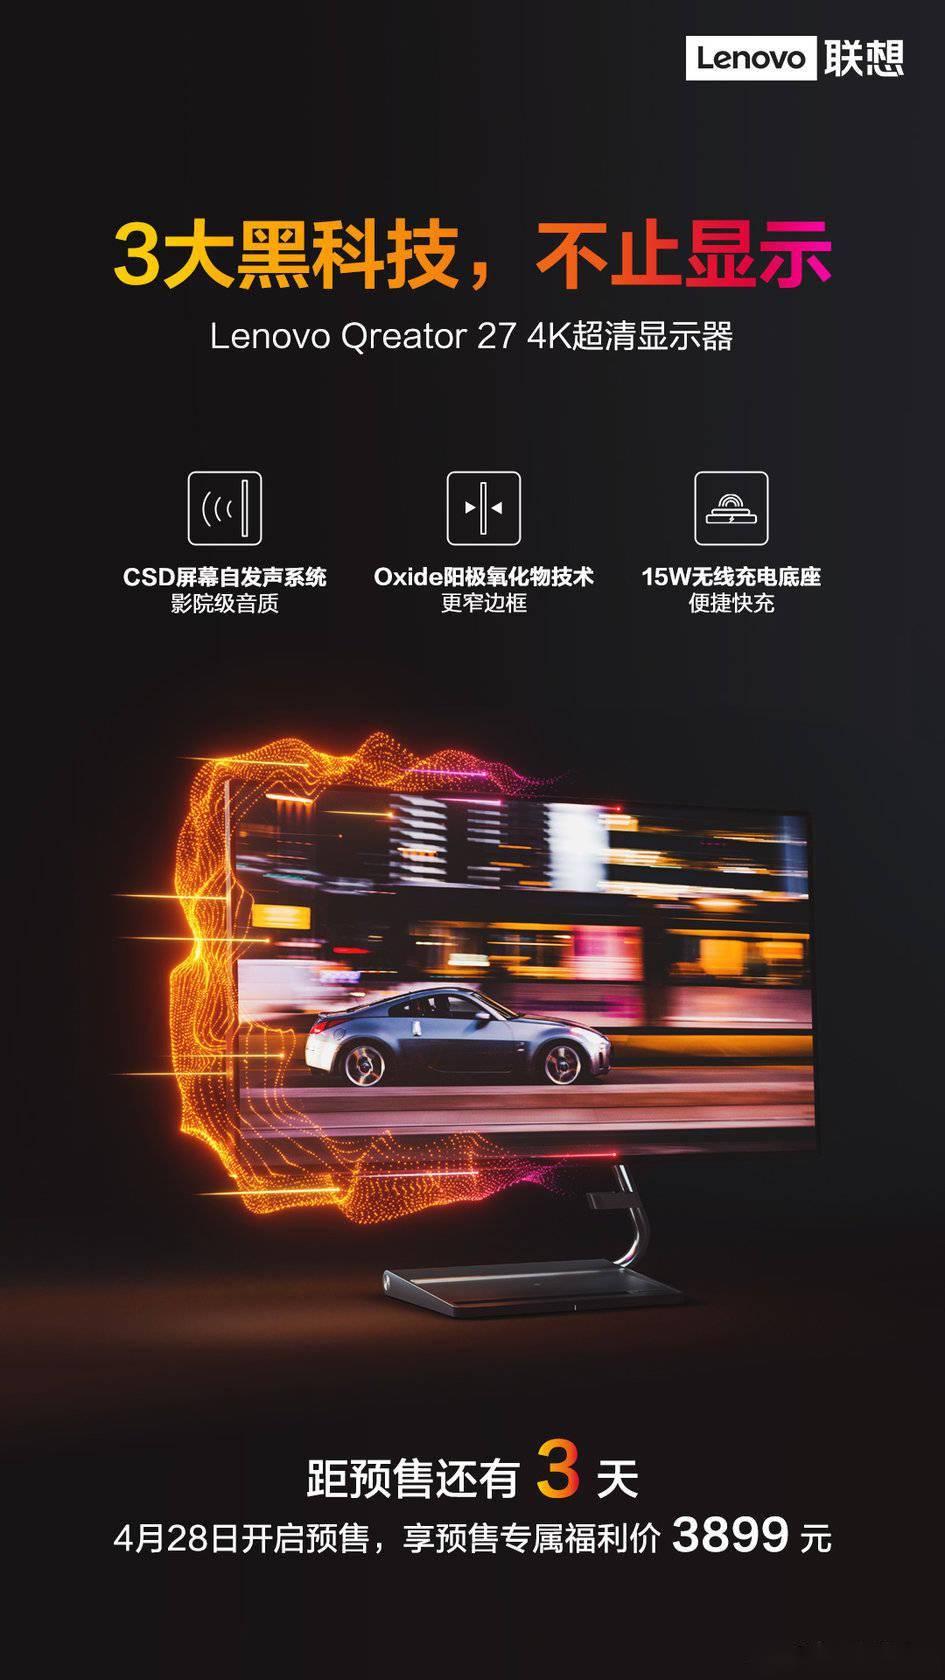 联想Qreator 27显示器明日发布:4K分辨率,售价3899元